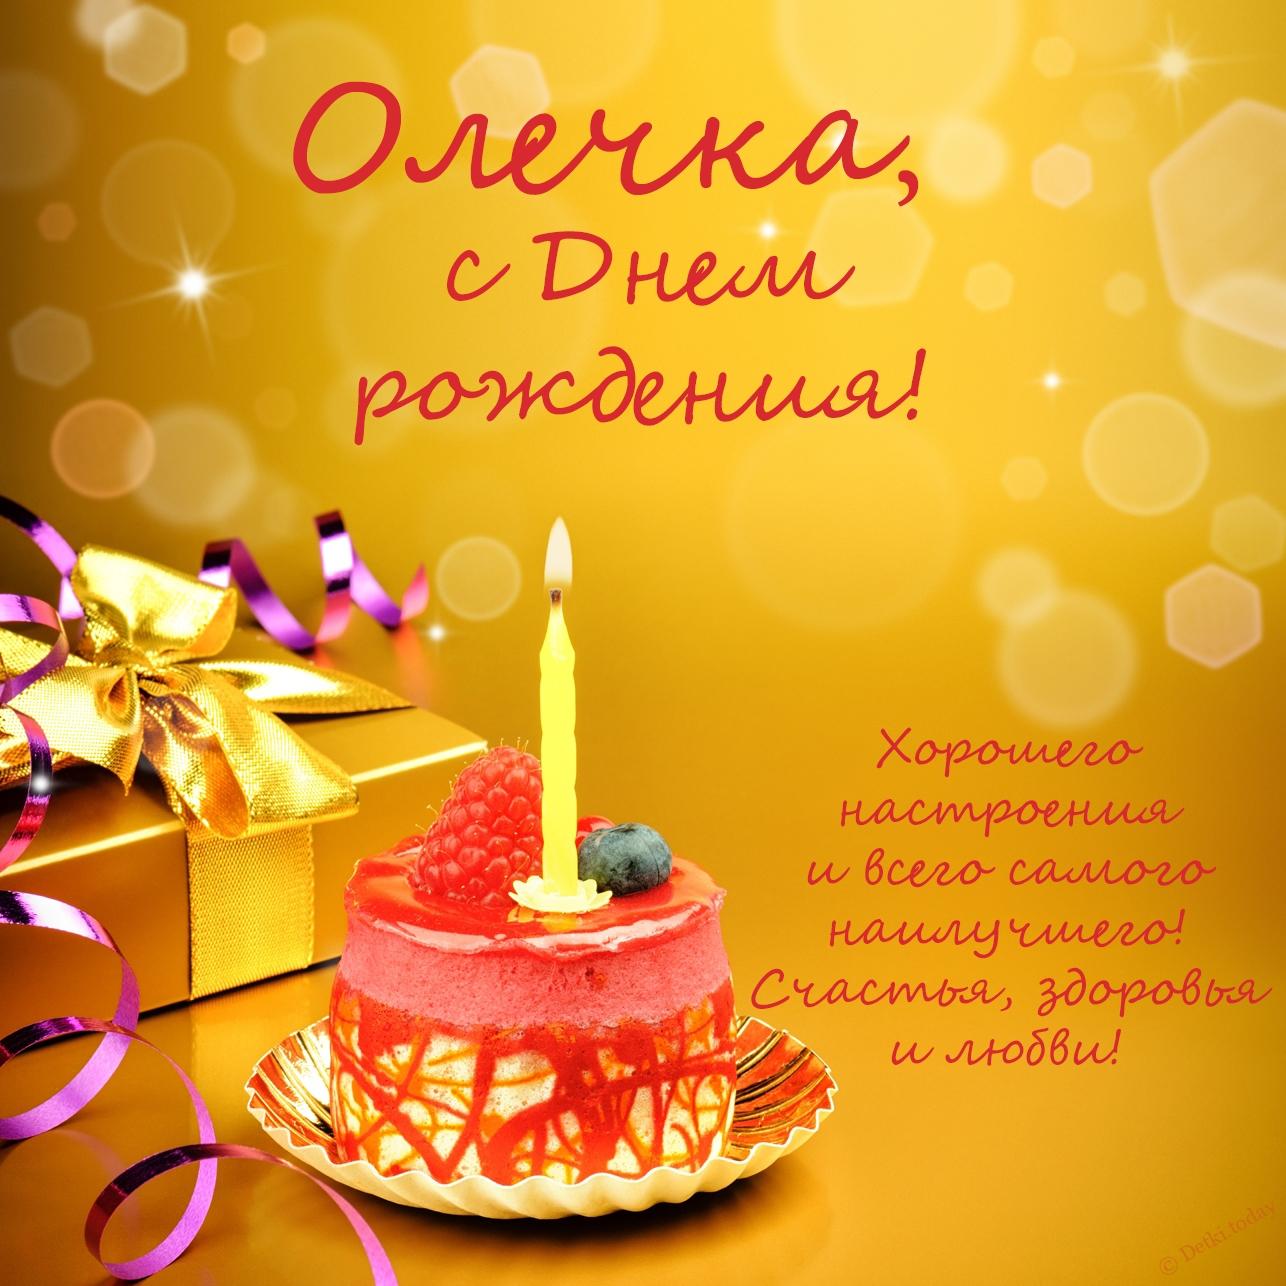 Поздравления с днем рождения светлана открытка, марта